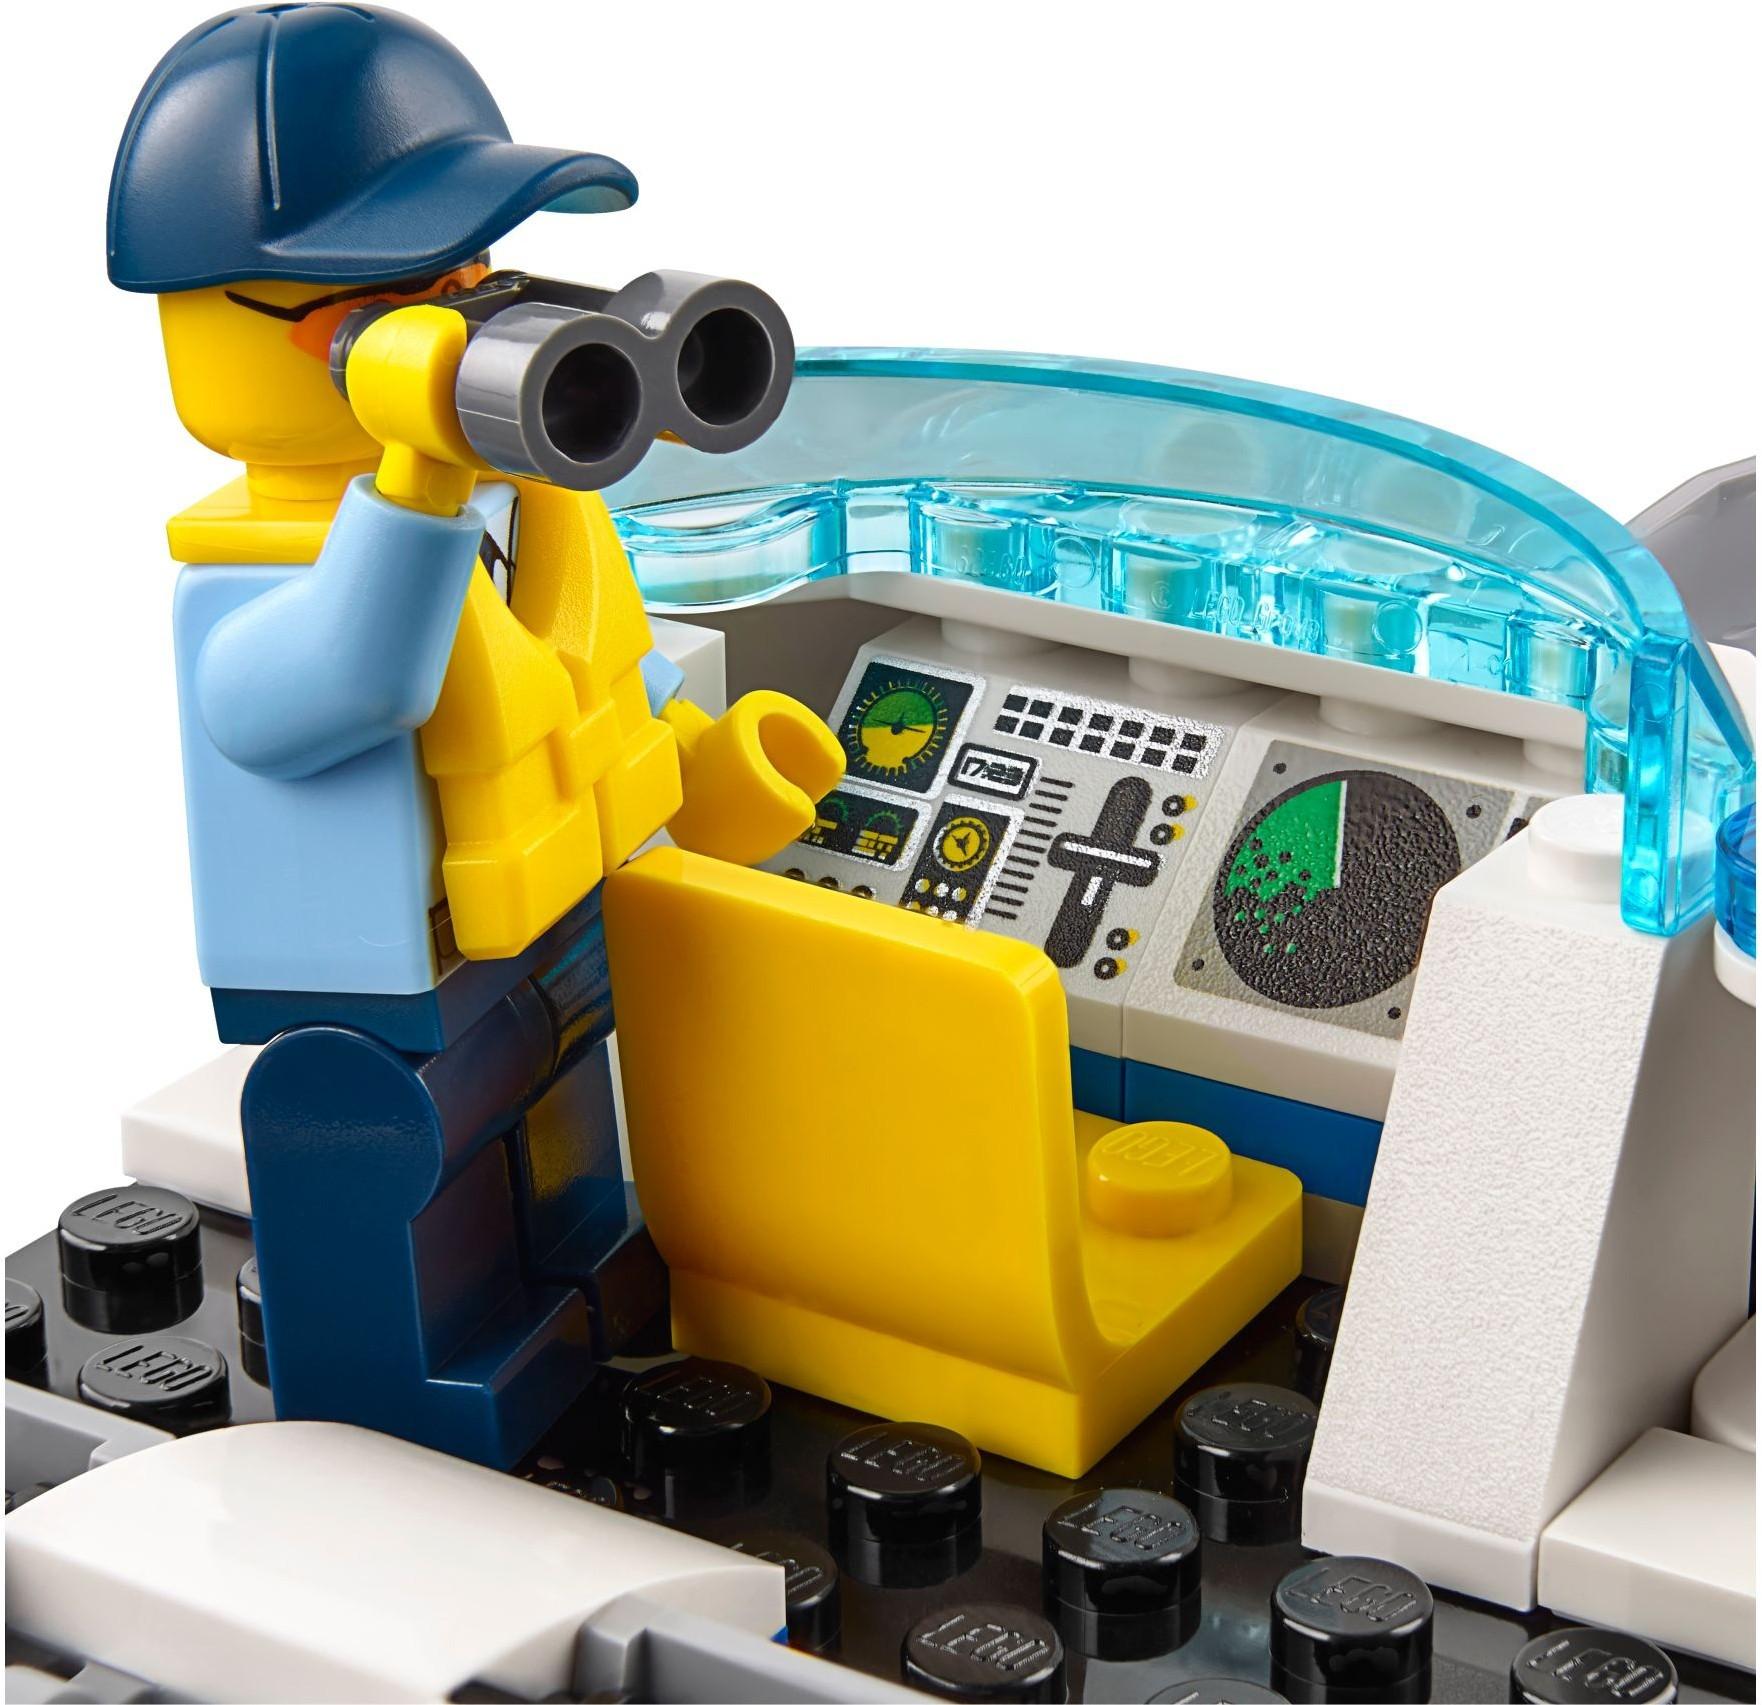 катер из конструктора lego схема